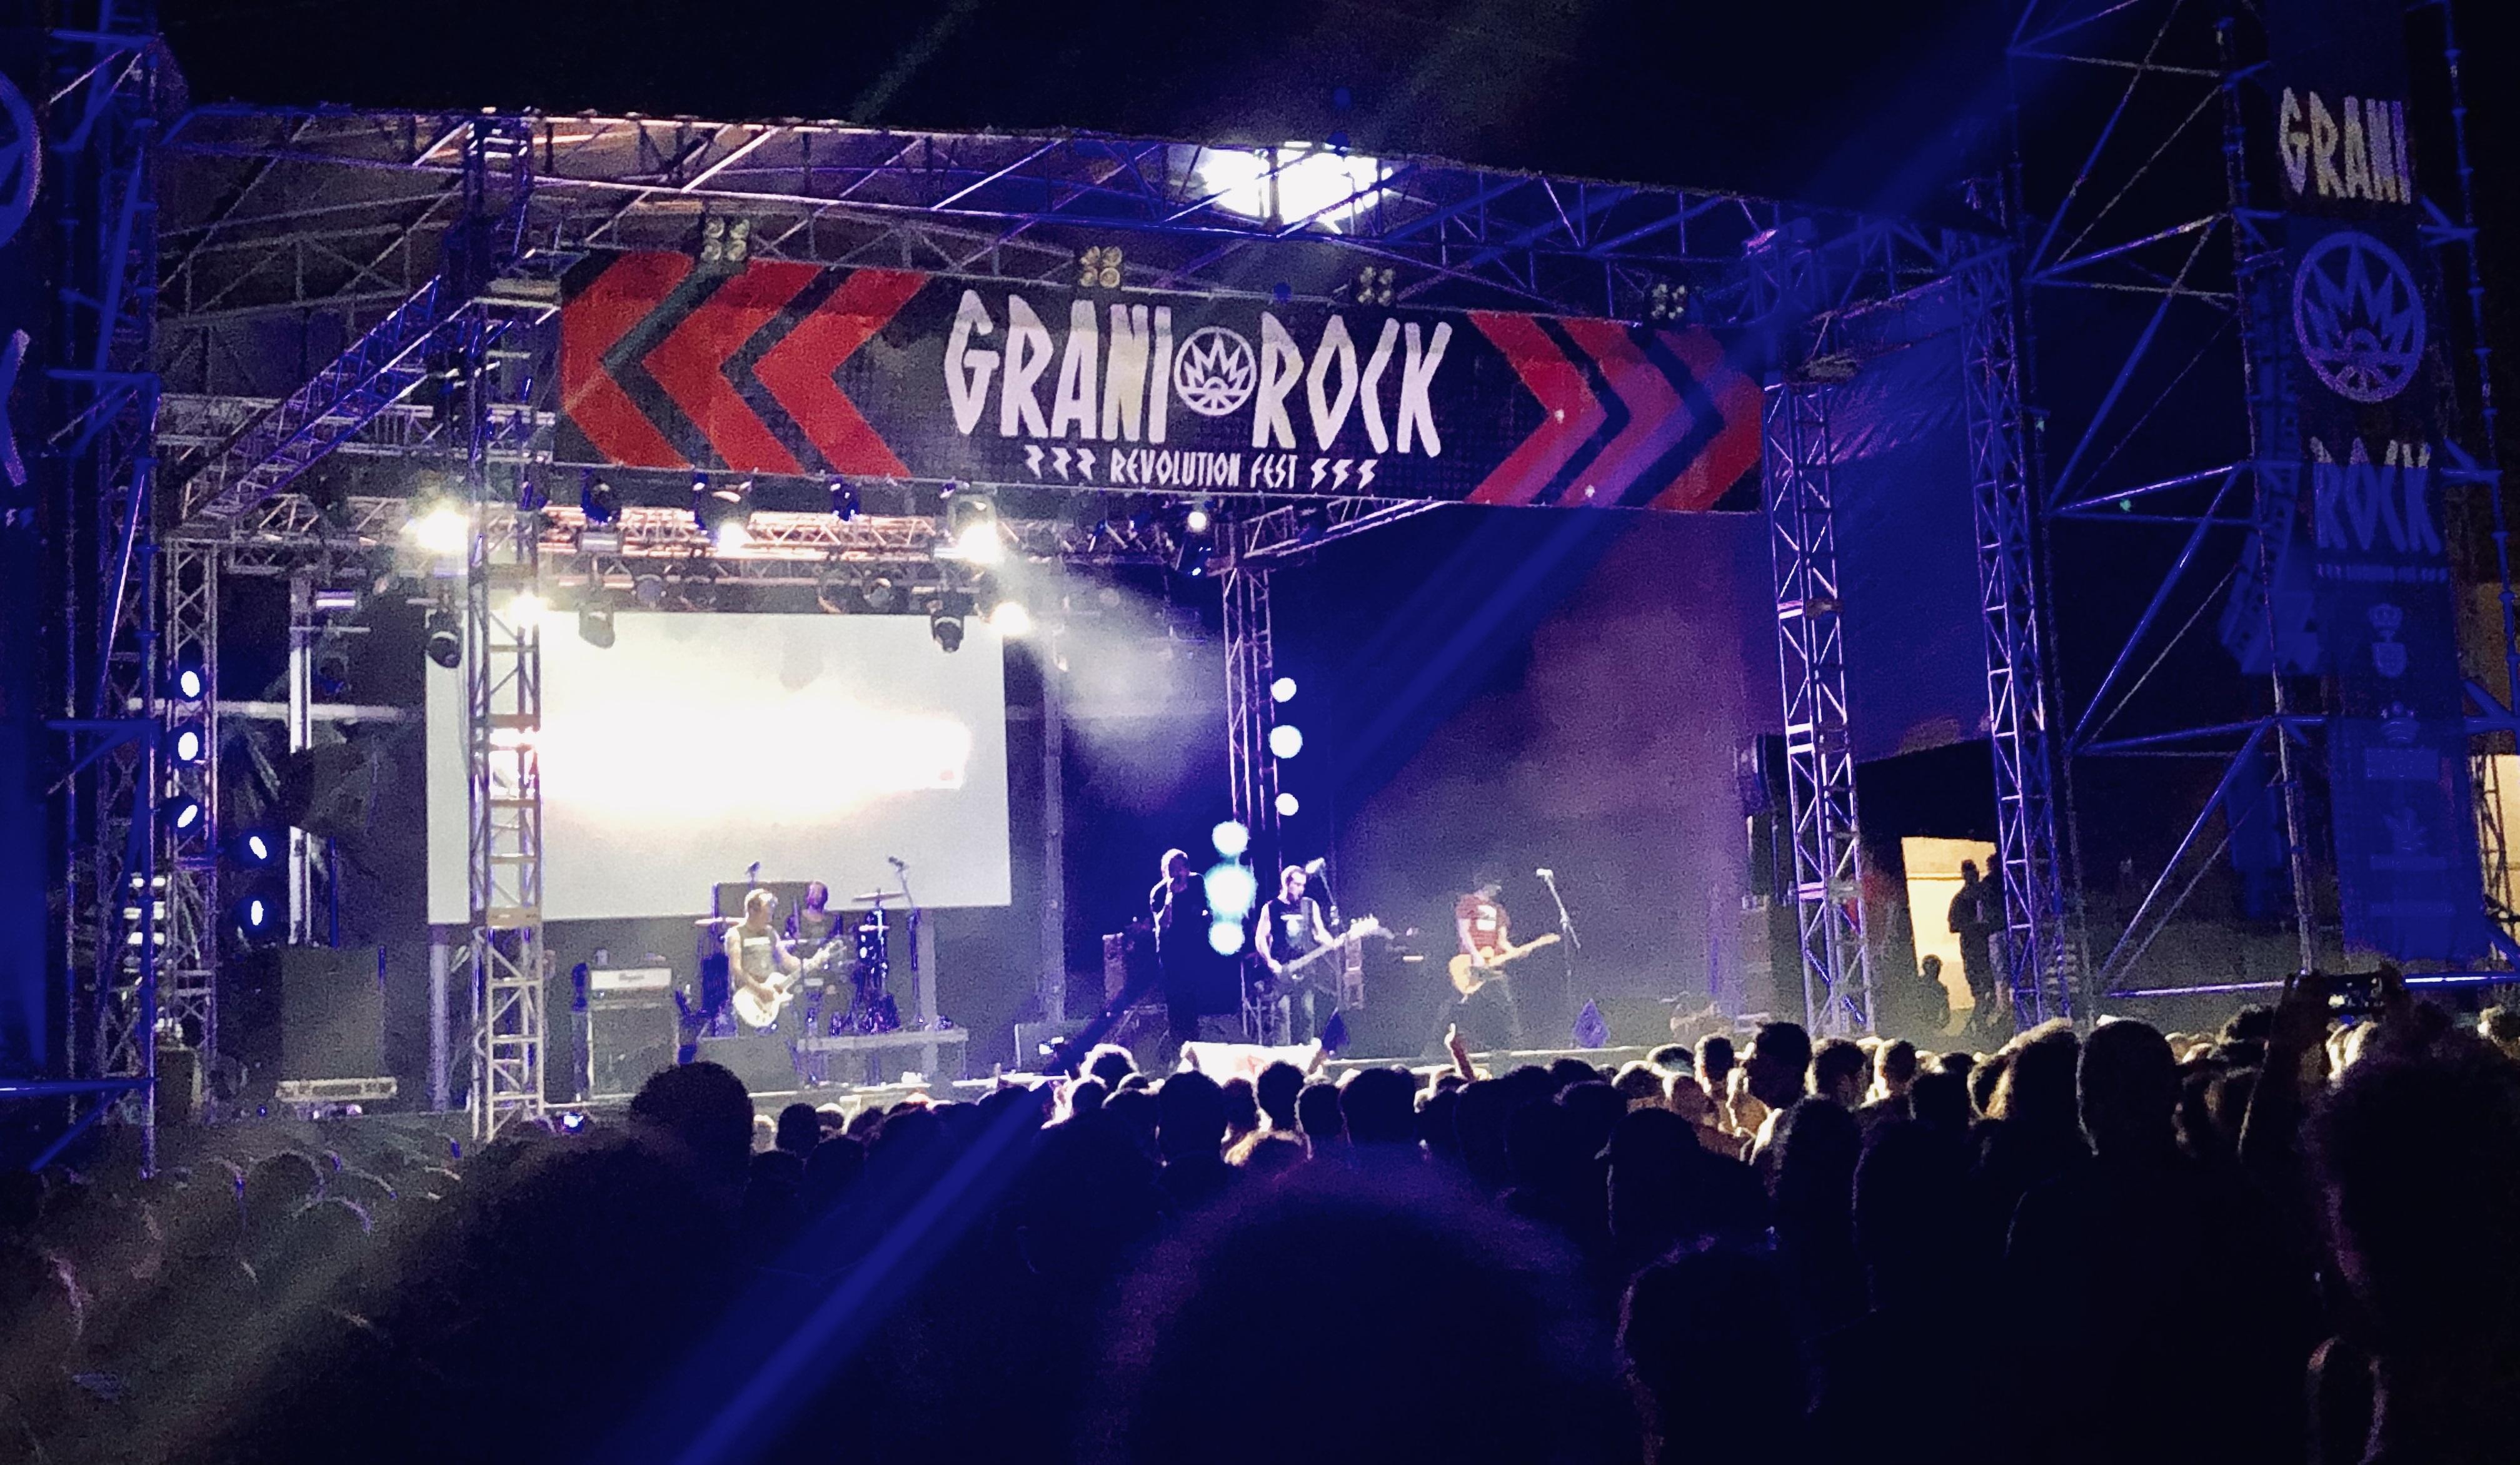 El Festival Granirock reunió a multitud de jóvenes durante su sexta edición